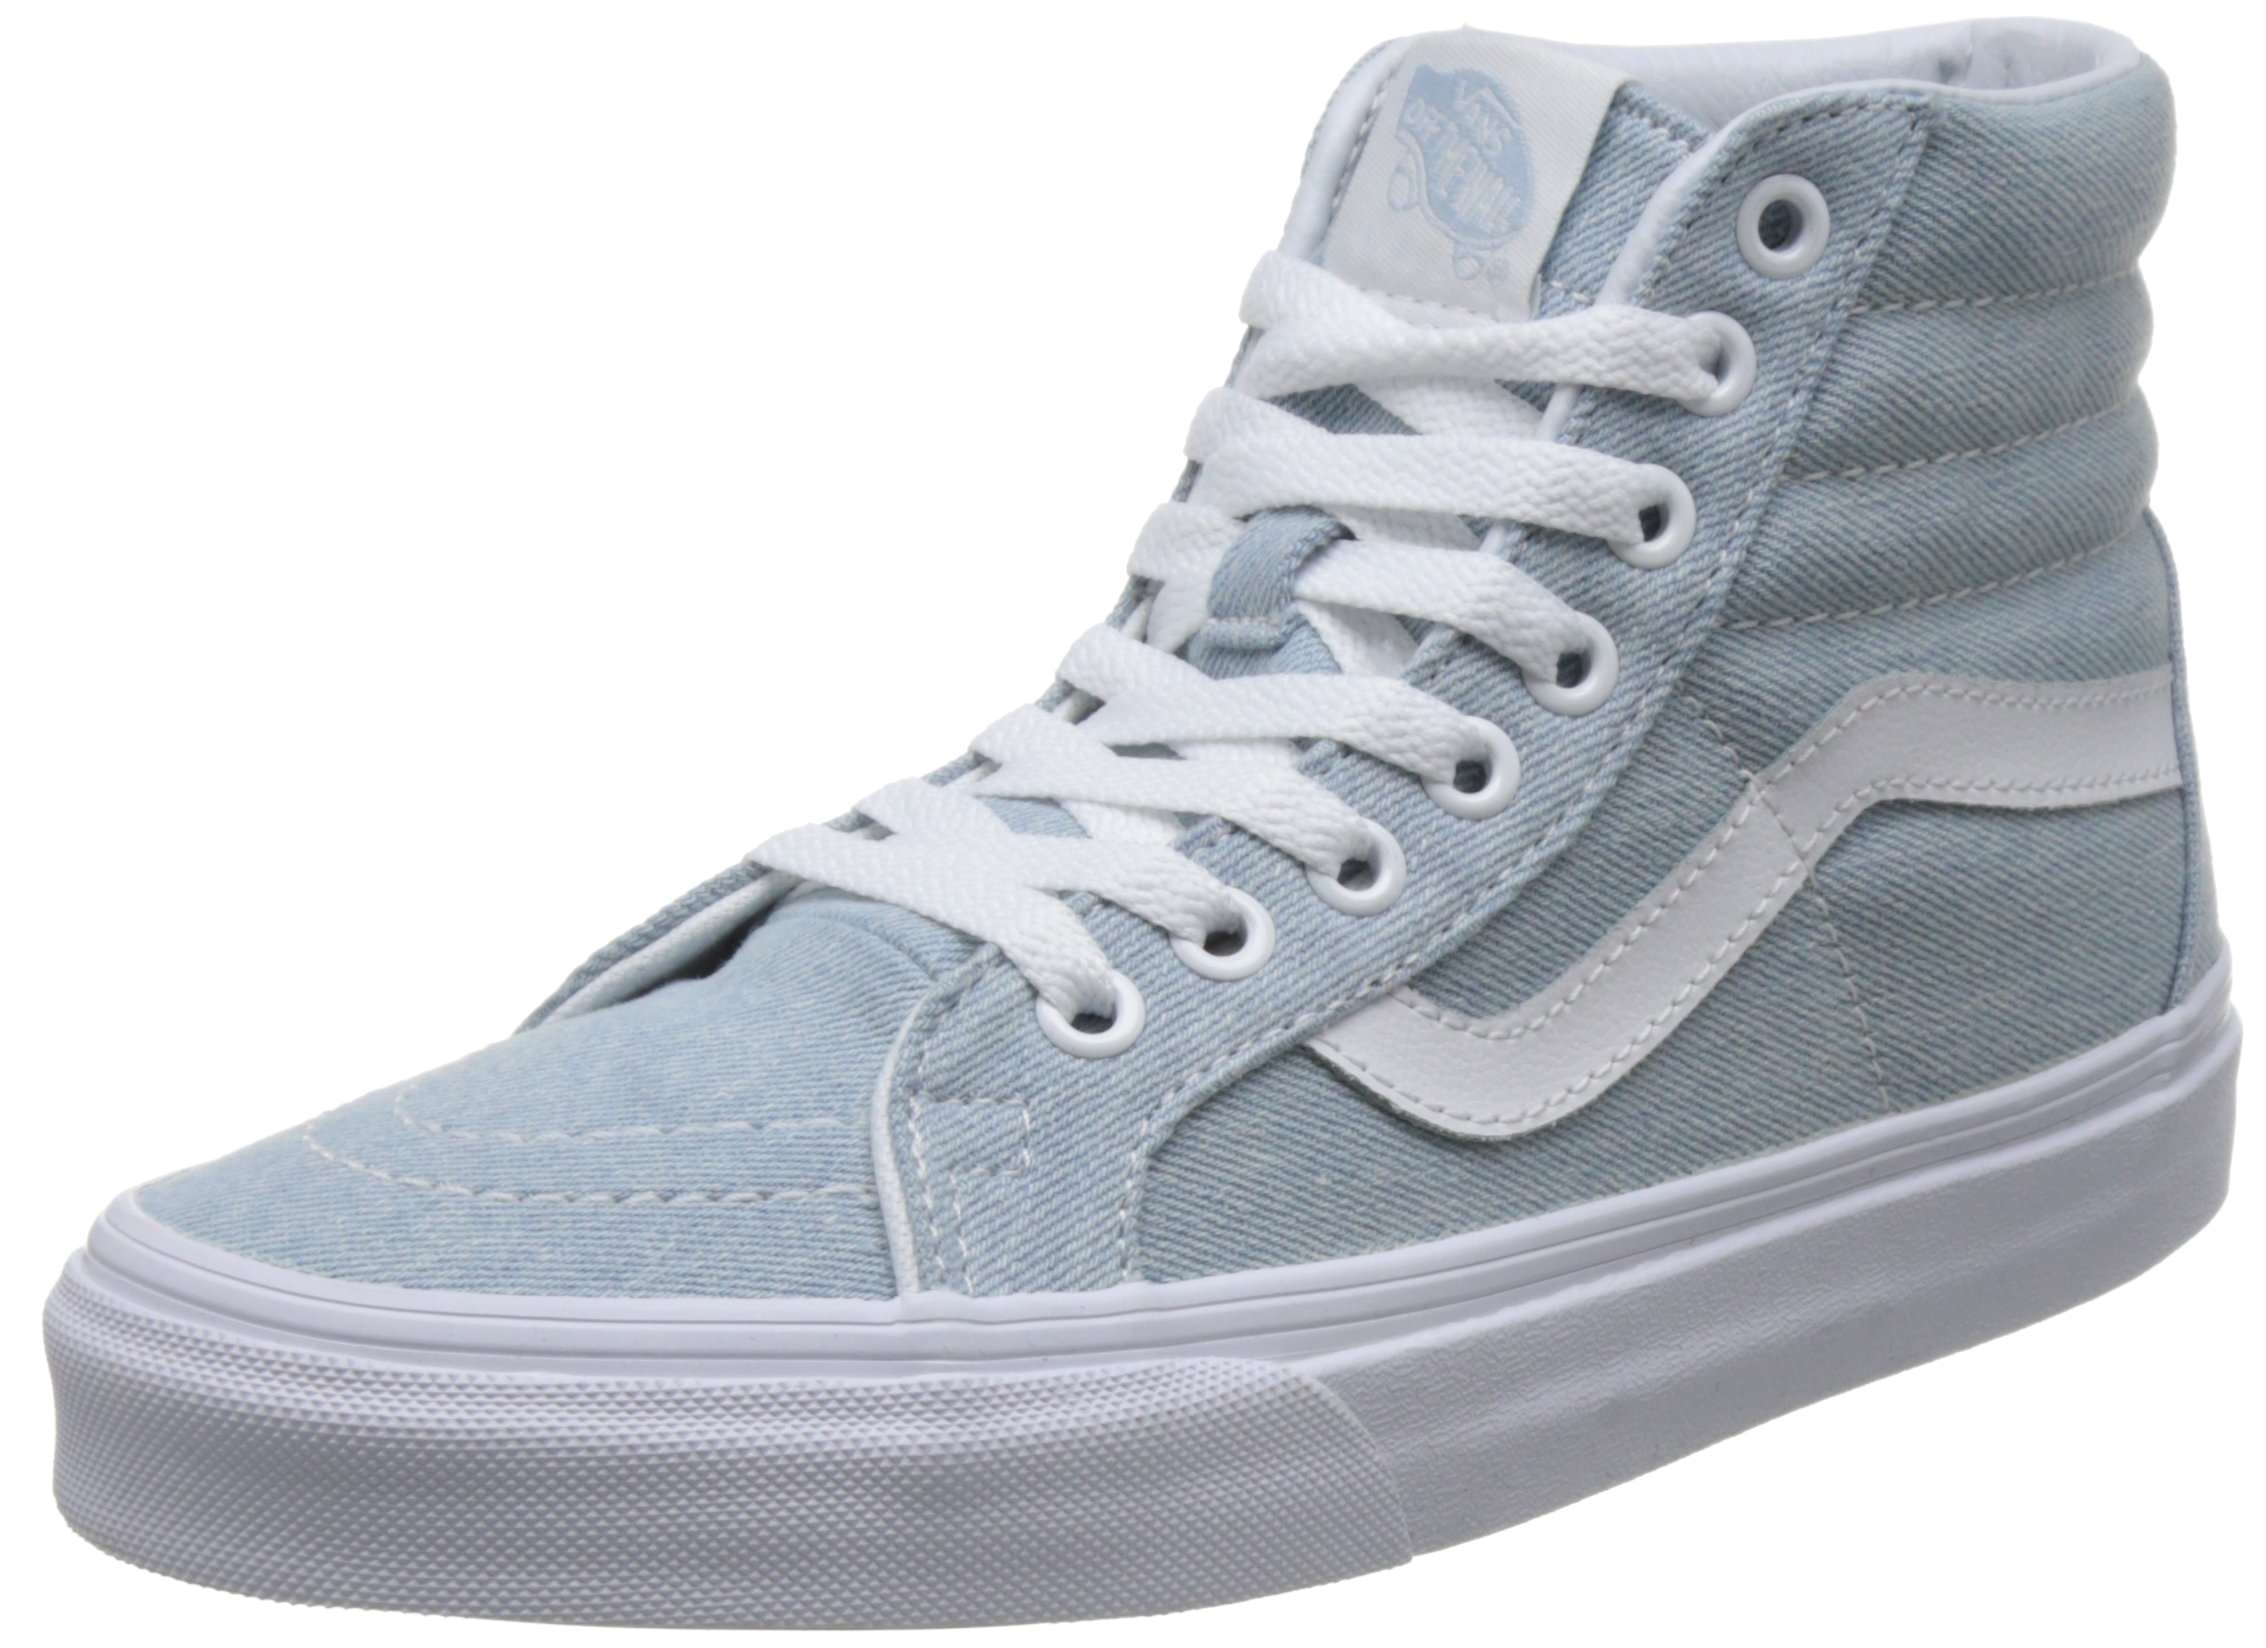 Vans Unisex Sk8-Hi Reissue (Denim) Baby Blue Skate Shoe 6 Men US/7.5 Women US